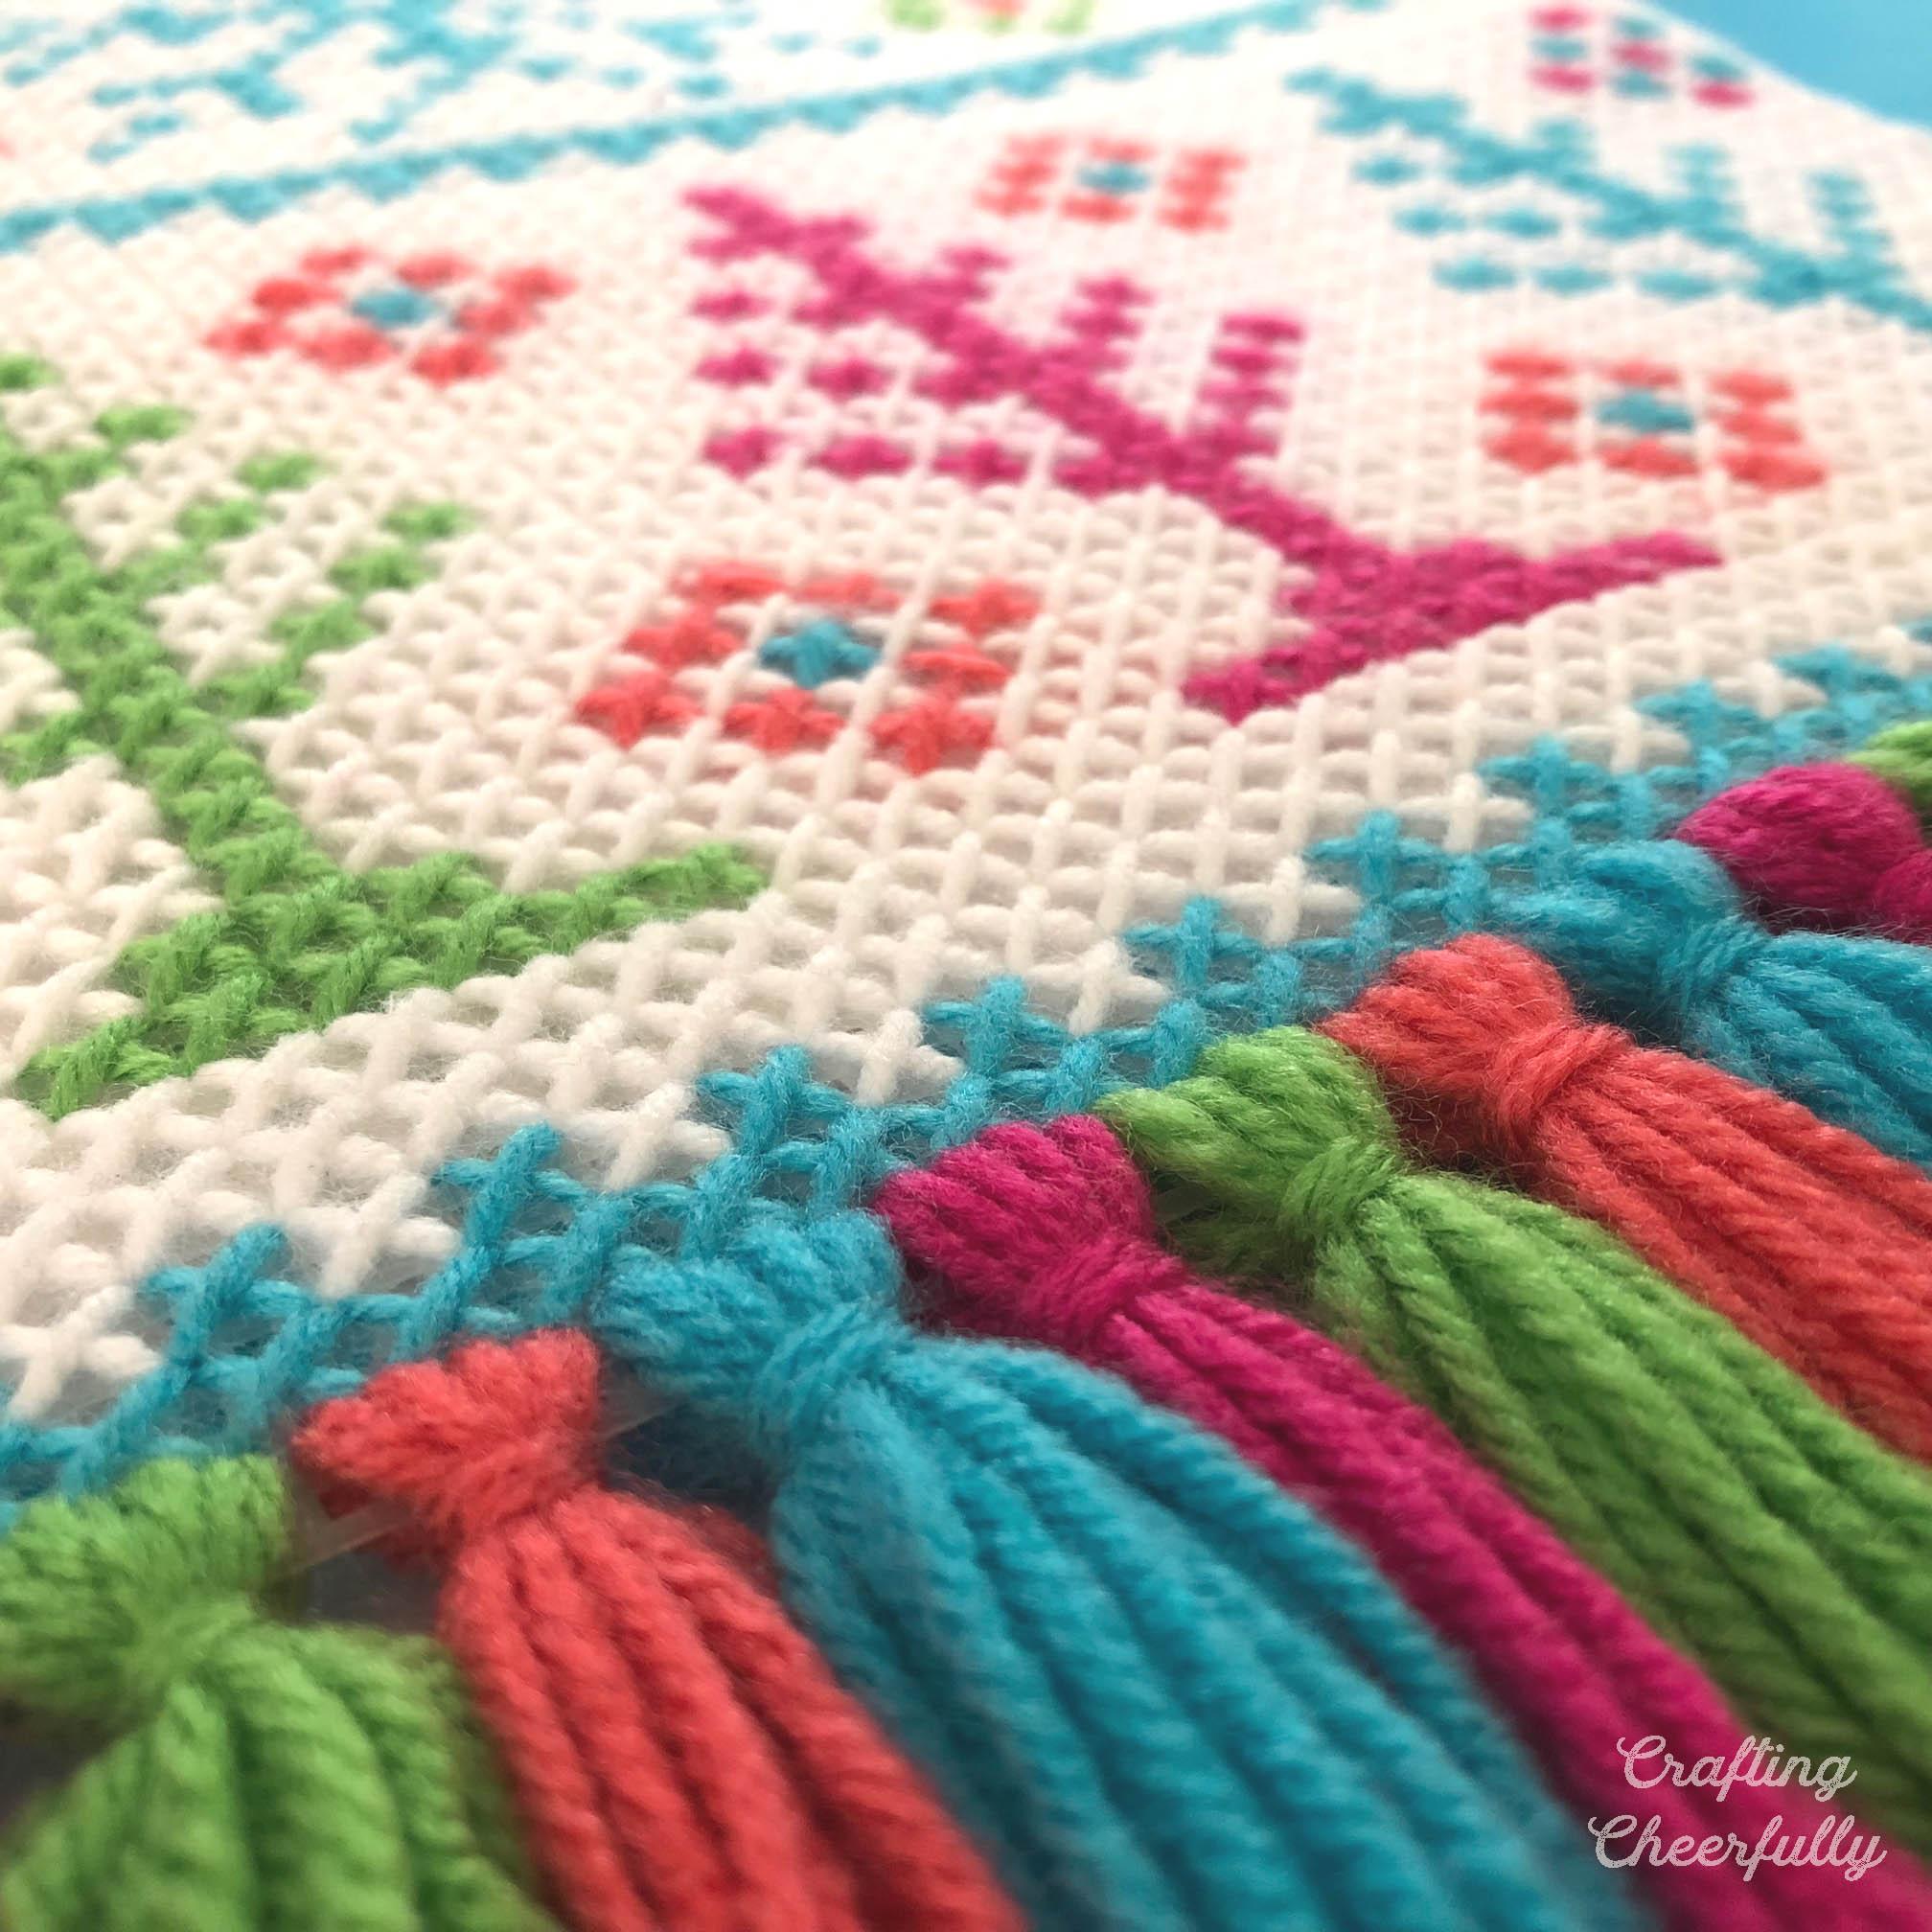 Winter Wonderland Wall Hanging Cross Stitch Pattern